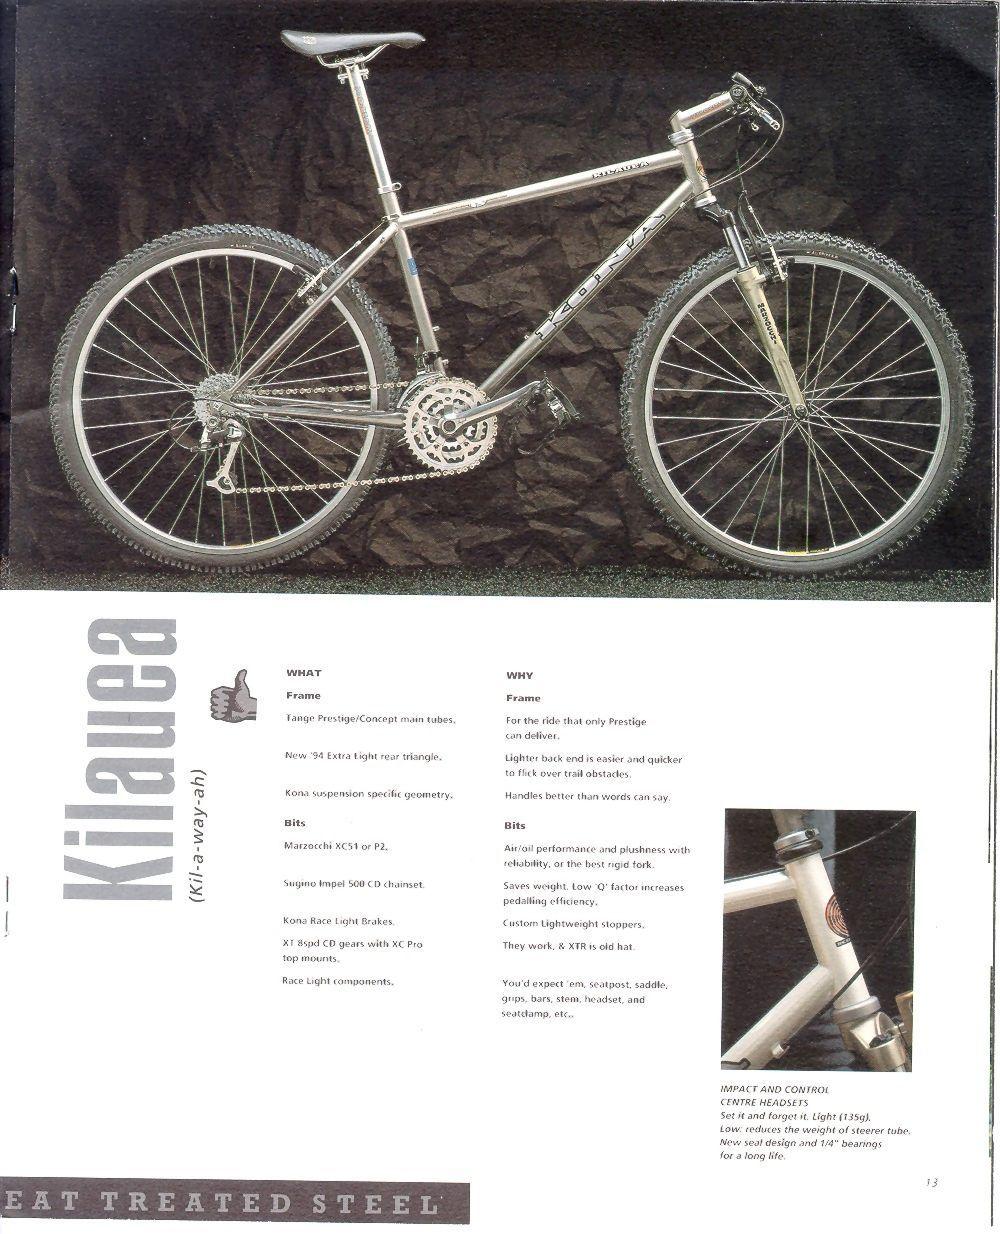 Kona Kilauea 1994 Mtbr Com Vintage Mountain Bike Kona Bikes Retro Bicycle